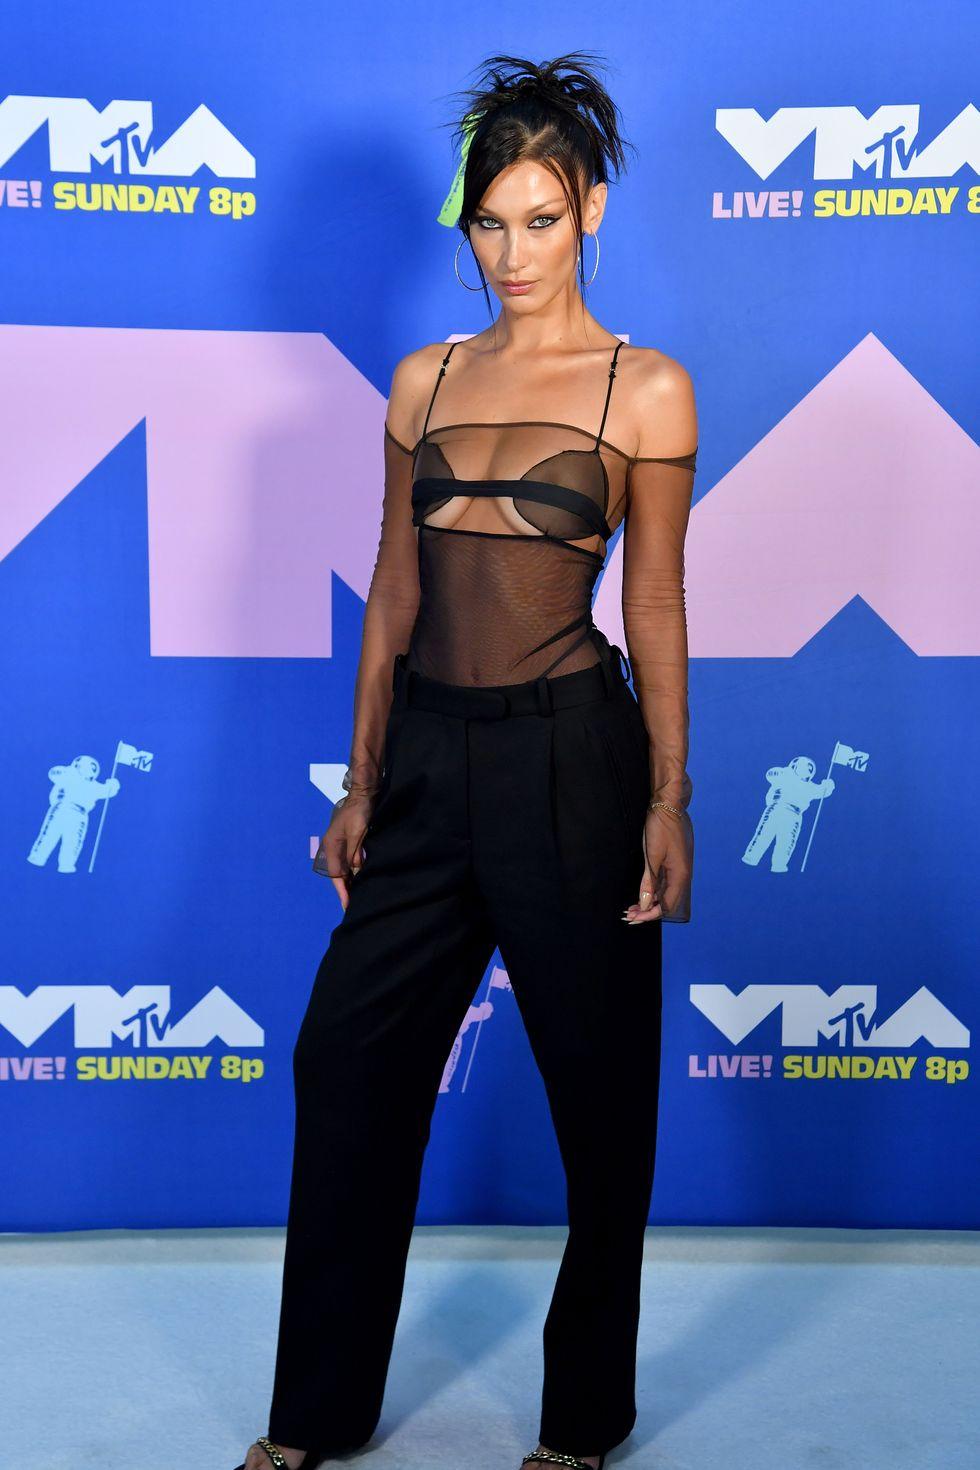 Tháng 8/2020, Bella gây sốc với diện mạo nóng bỏng khi diện chiếc áo ren xuyên thấu ''mặc như không''. tại lễ trao giải MTV.